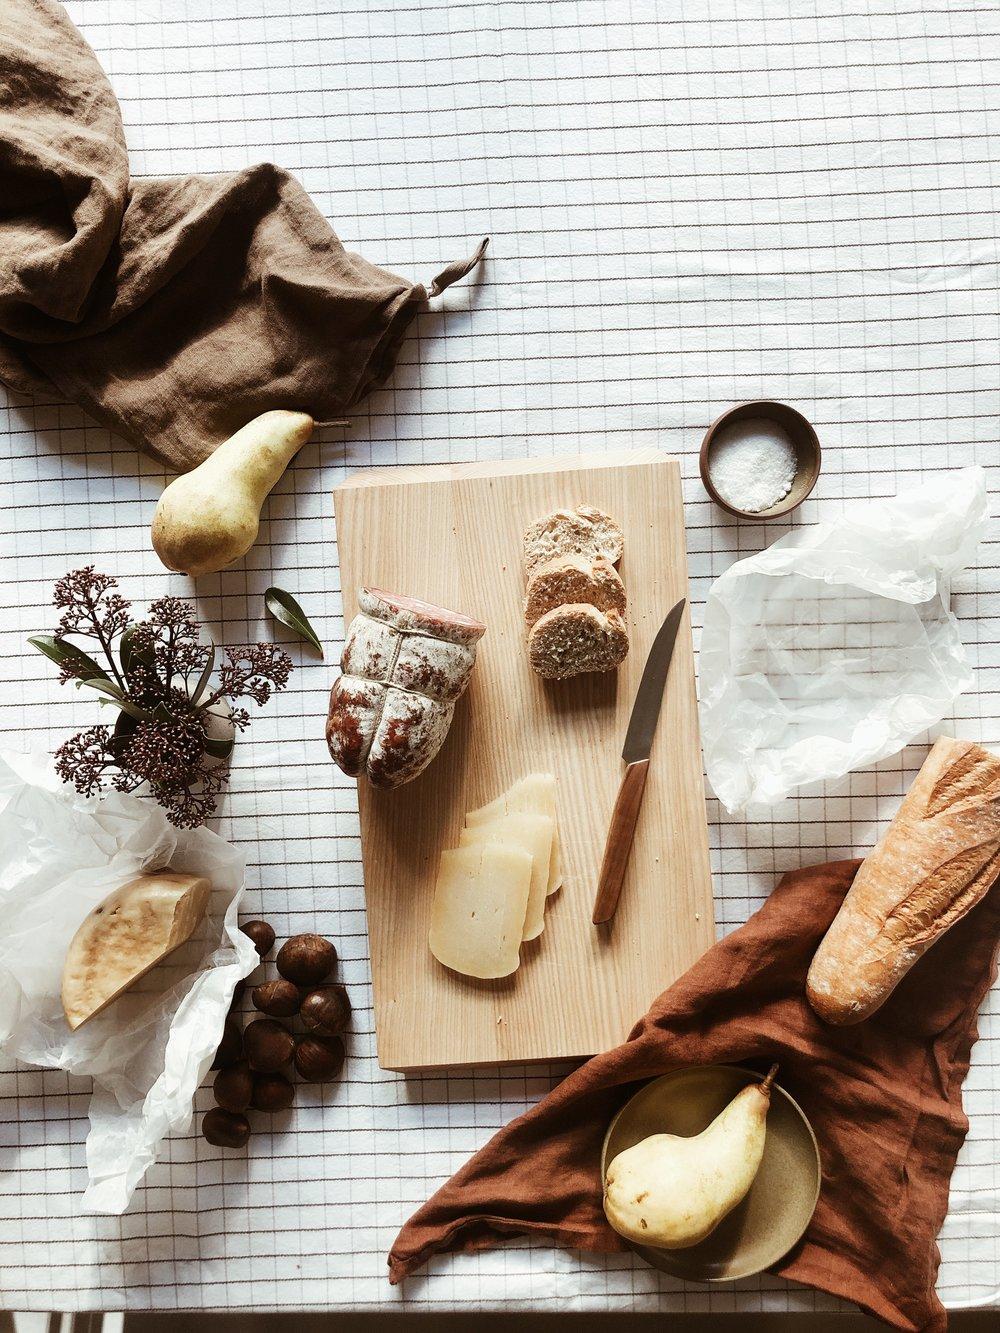 Sechs auf einen Streich! Auf alles vorbereitet mit dem Messerblock von Victorinox